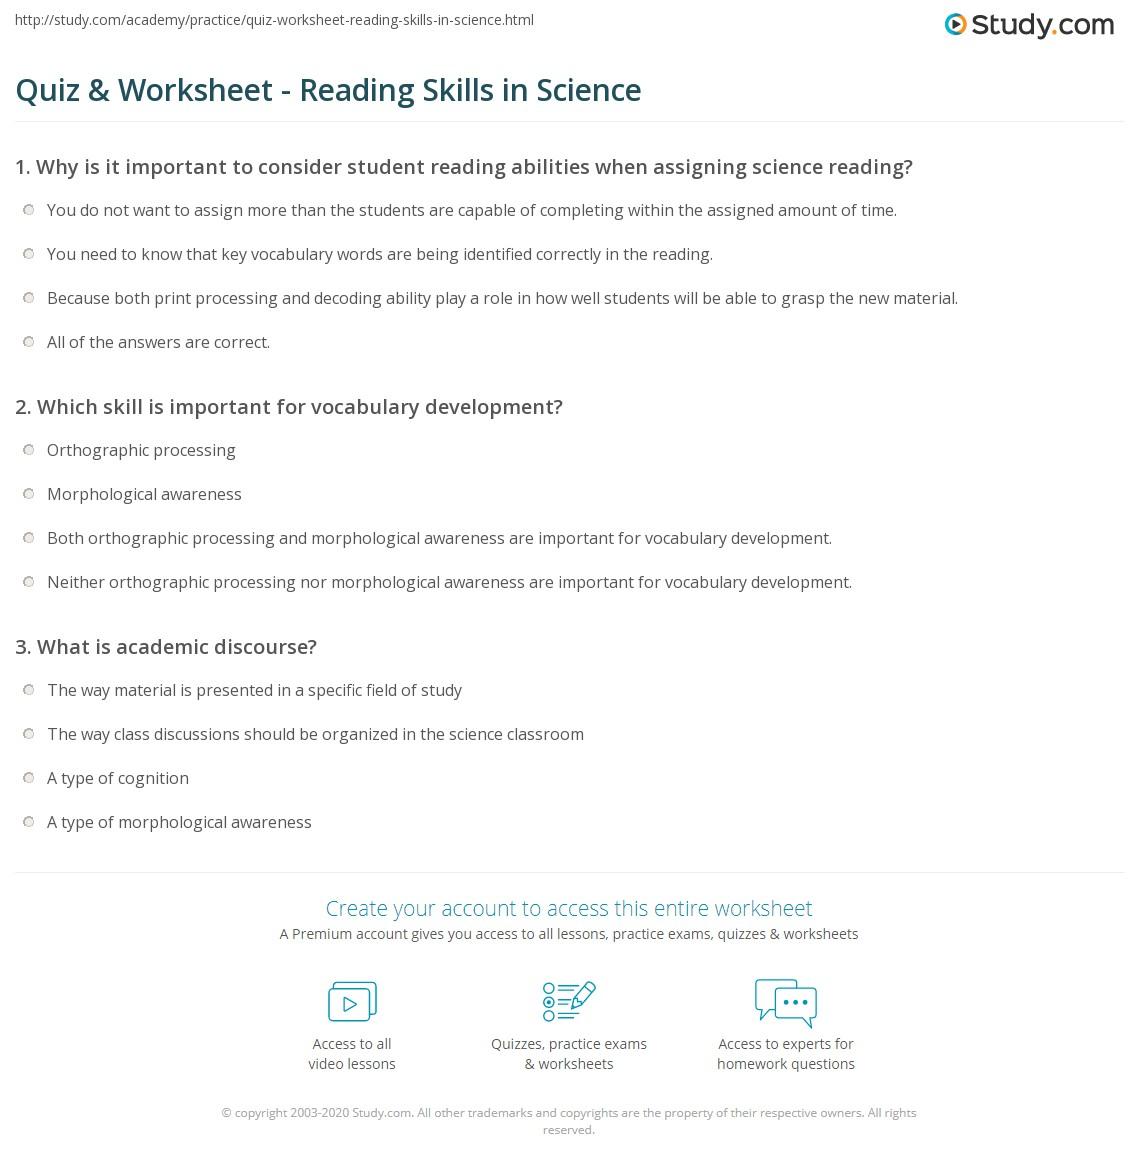 Worksheets Science Skills Worksheets science skills worksheet free worksheets library download and quiz w ksheet re d g study